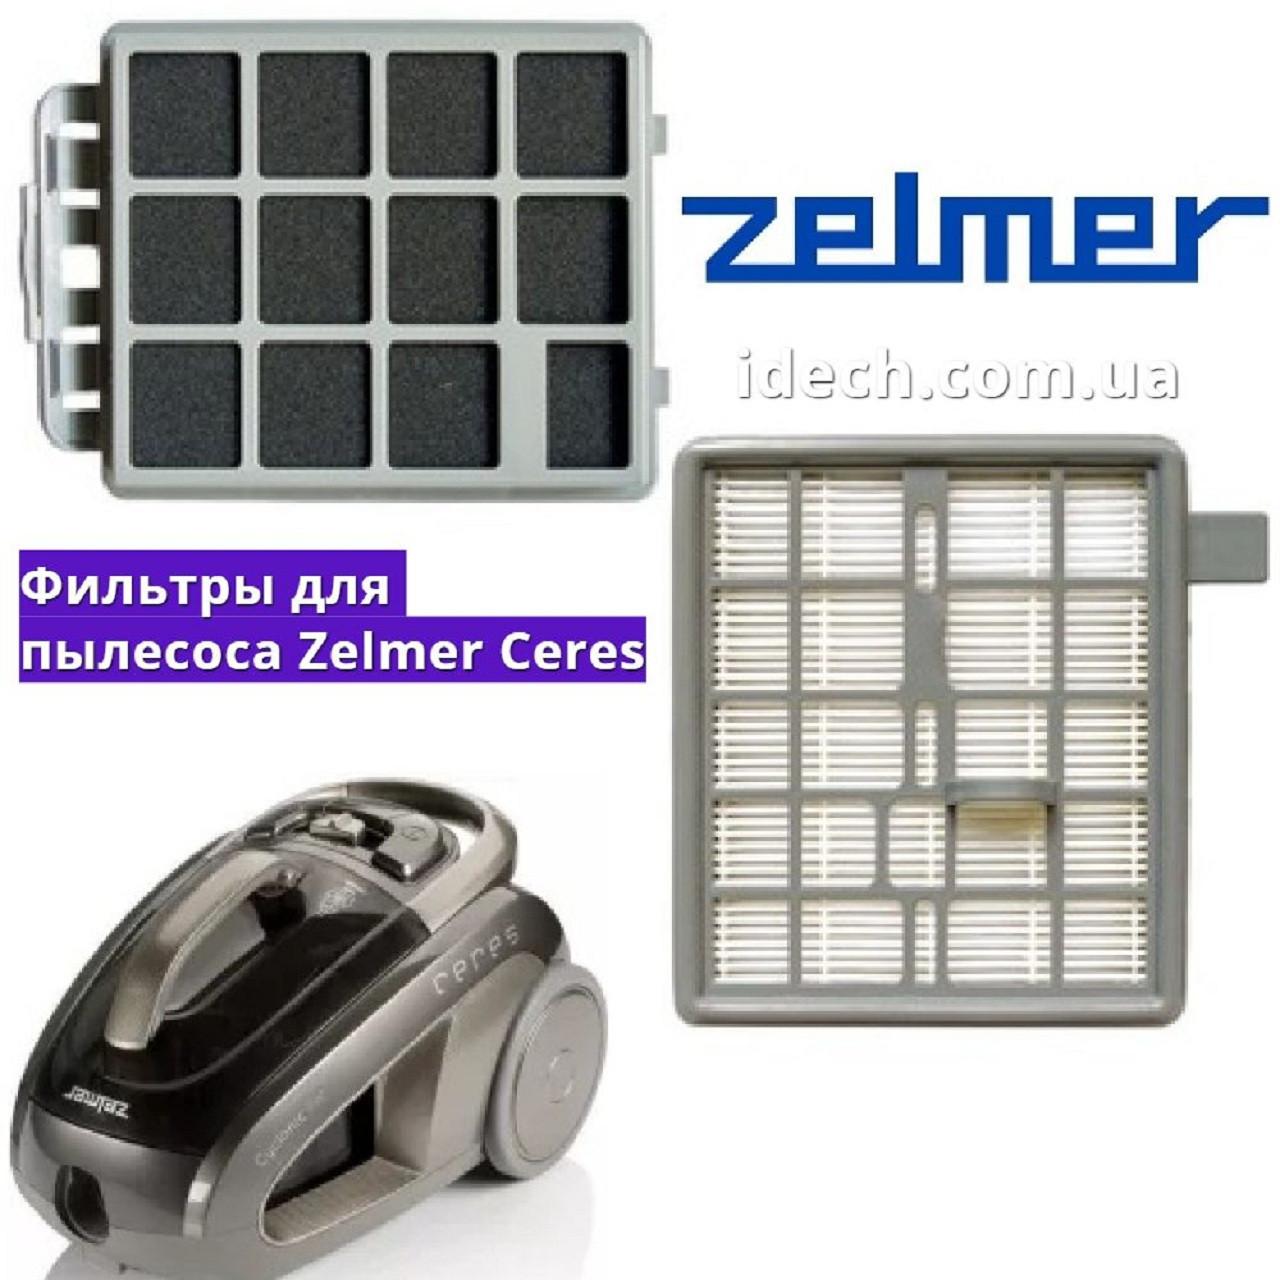 Фильтры Zelmer Ceres zvca352st, zvc352sk, zvc355sp, zvc355sm для пылесоса циклонного с контейнером для пыли